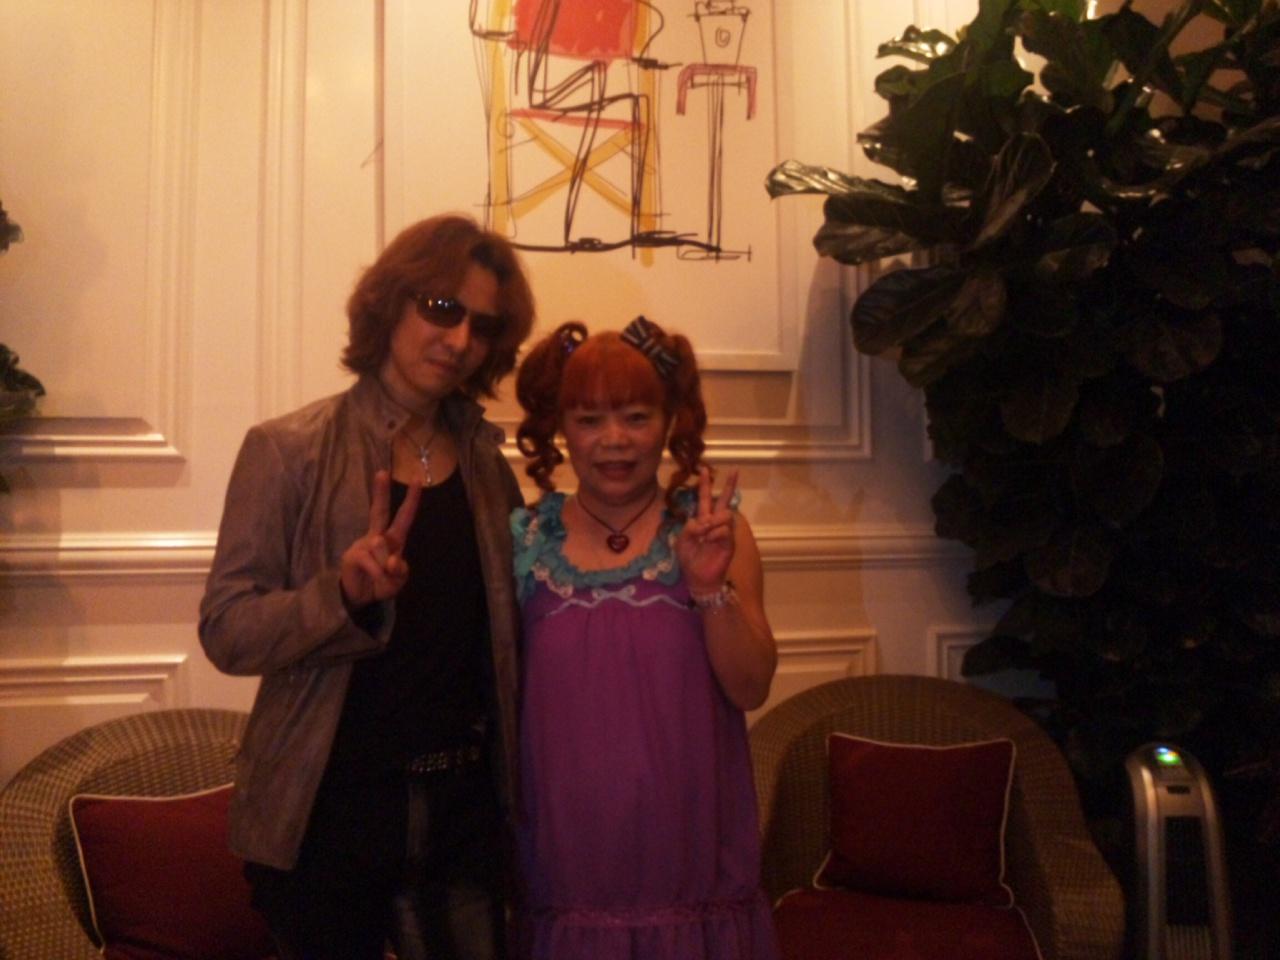 YOSHIKIさんとパチリ!